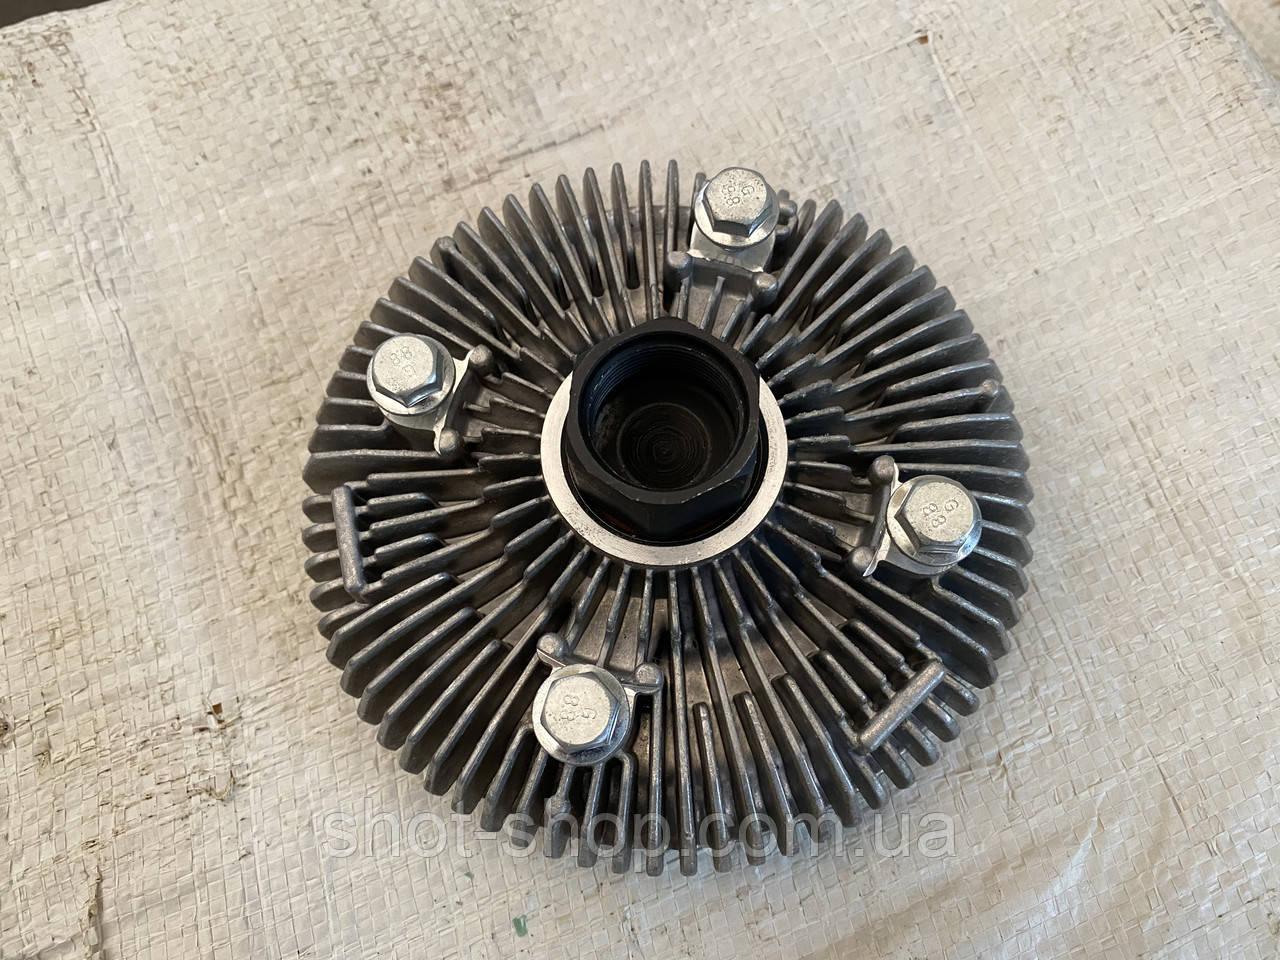 Віскомуфта (гідромуфта) дв 409 УАЗ 3163 Патріот